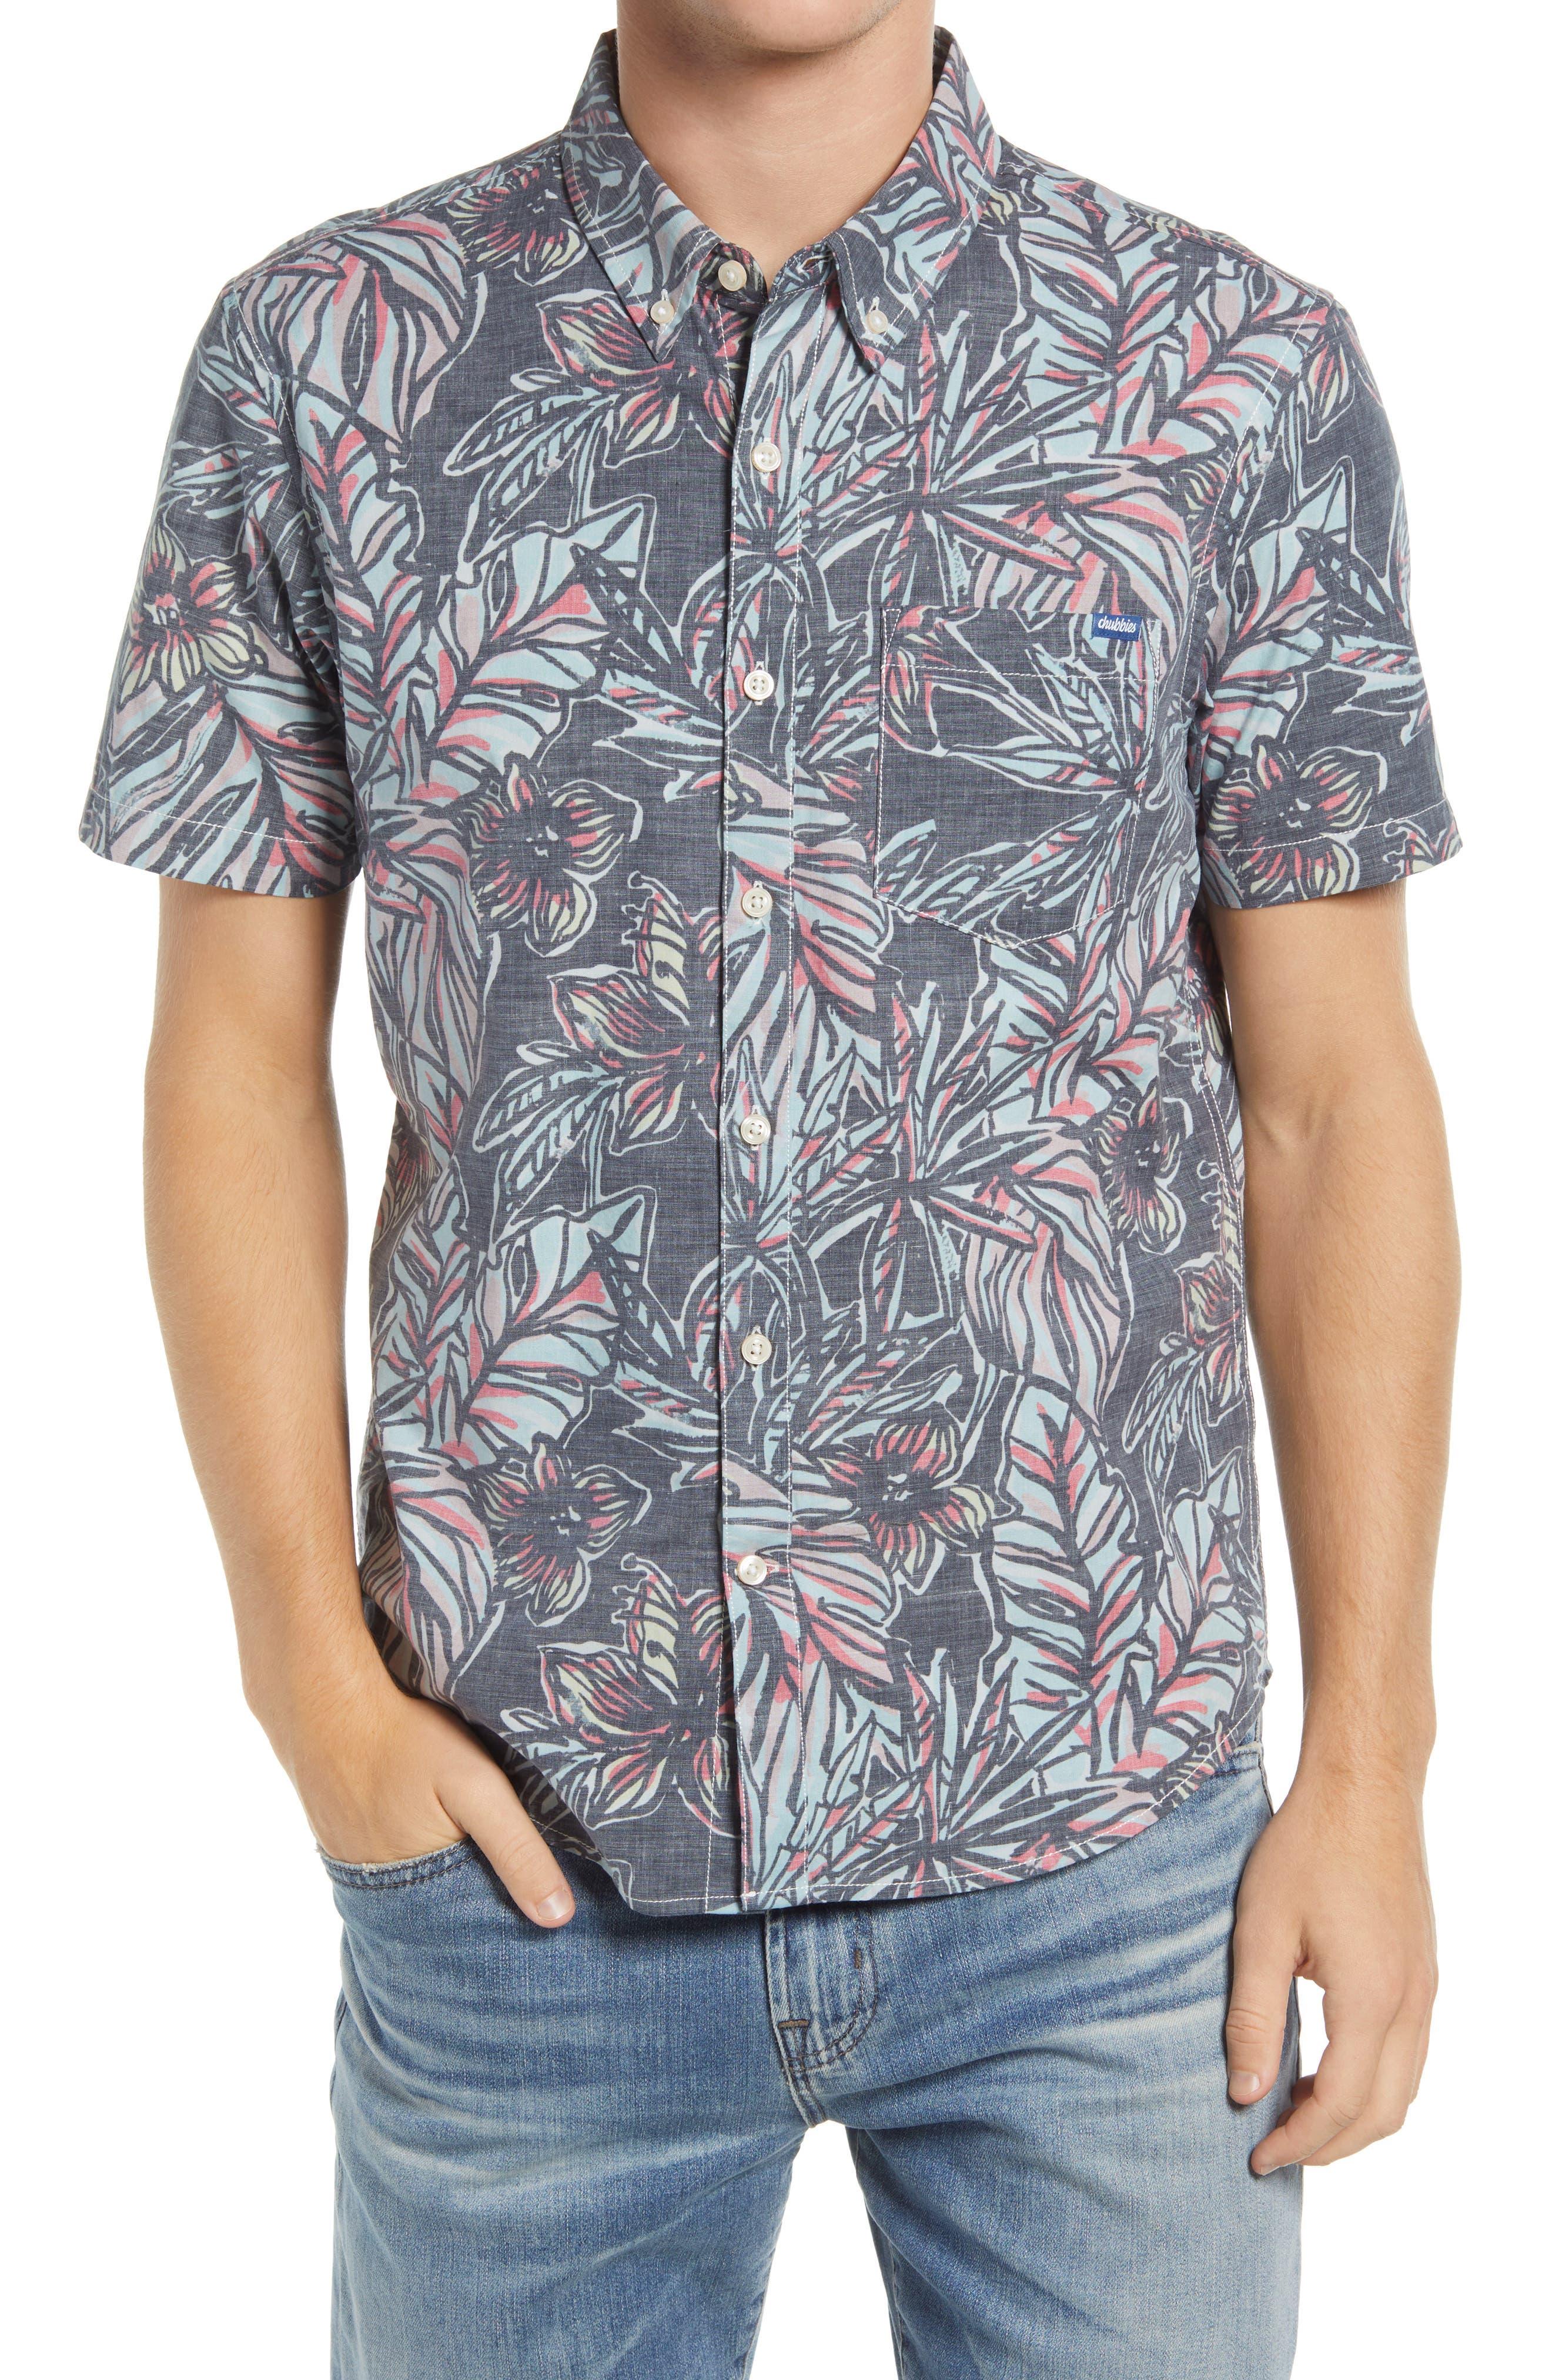 The Dark Floral Vault Short Sleeve Button-Down Shirt